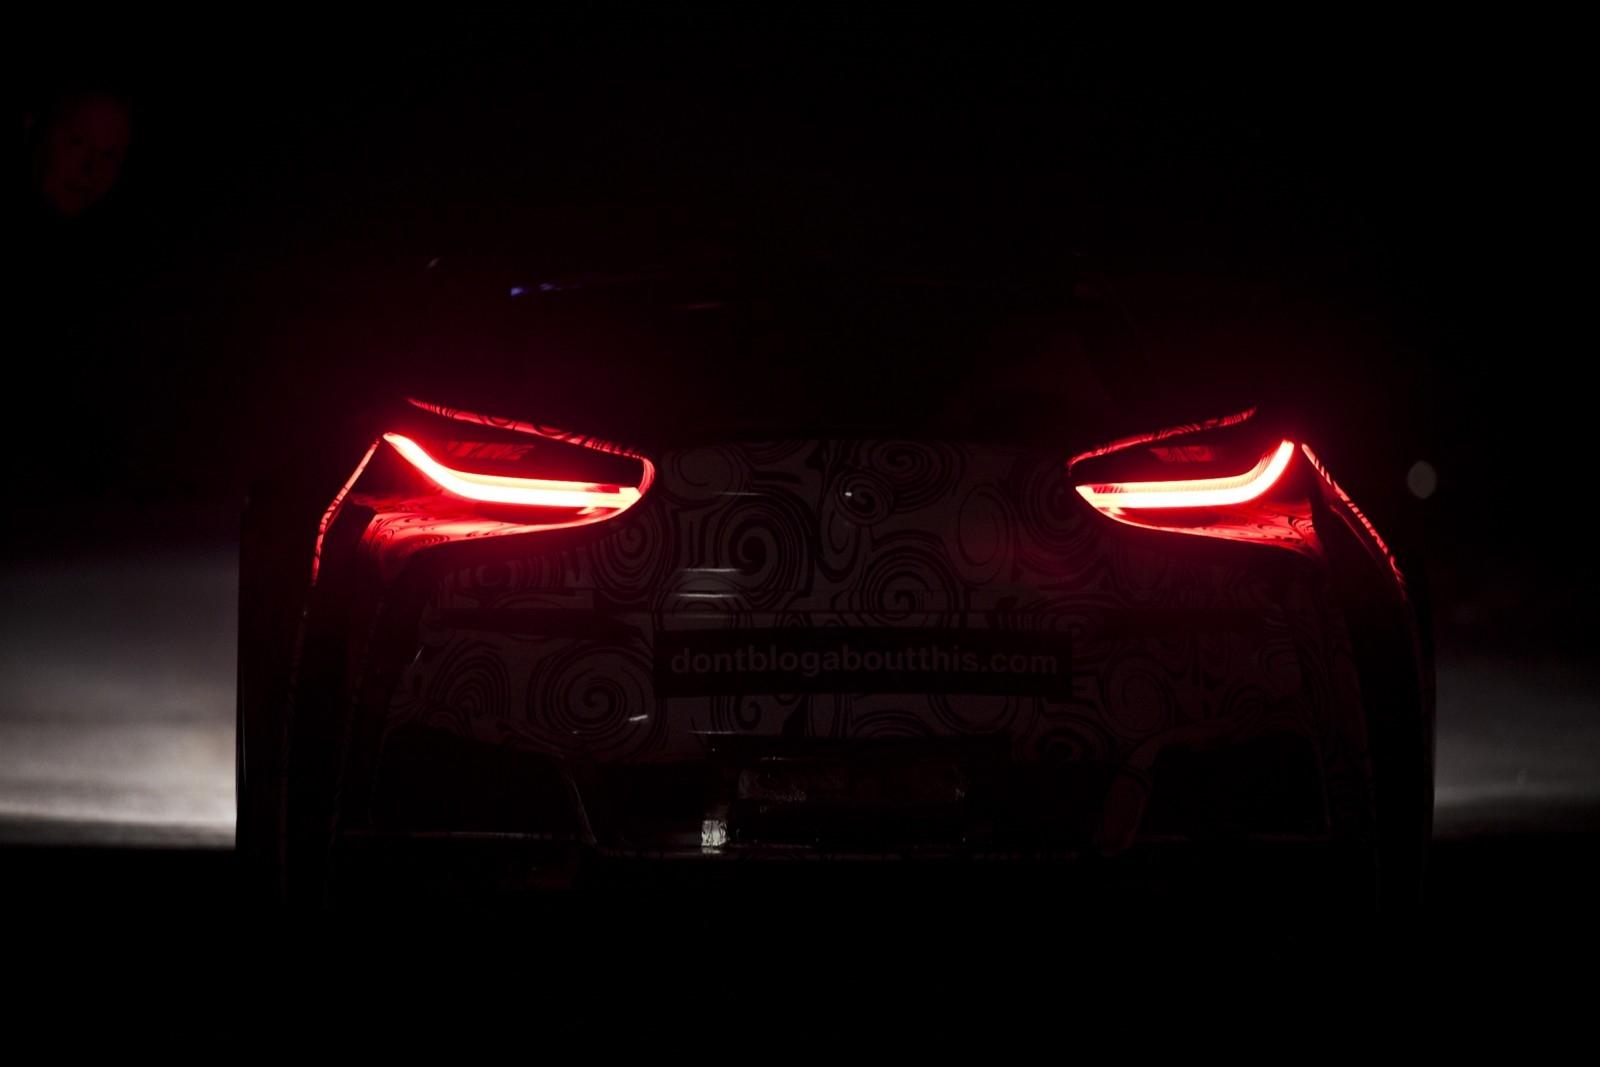 اگر این BMW را ببینید حتما افسرده خواهید شد!